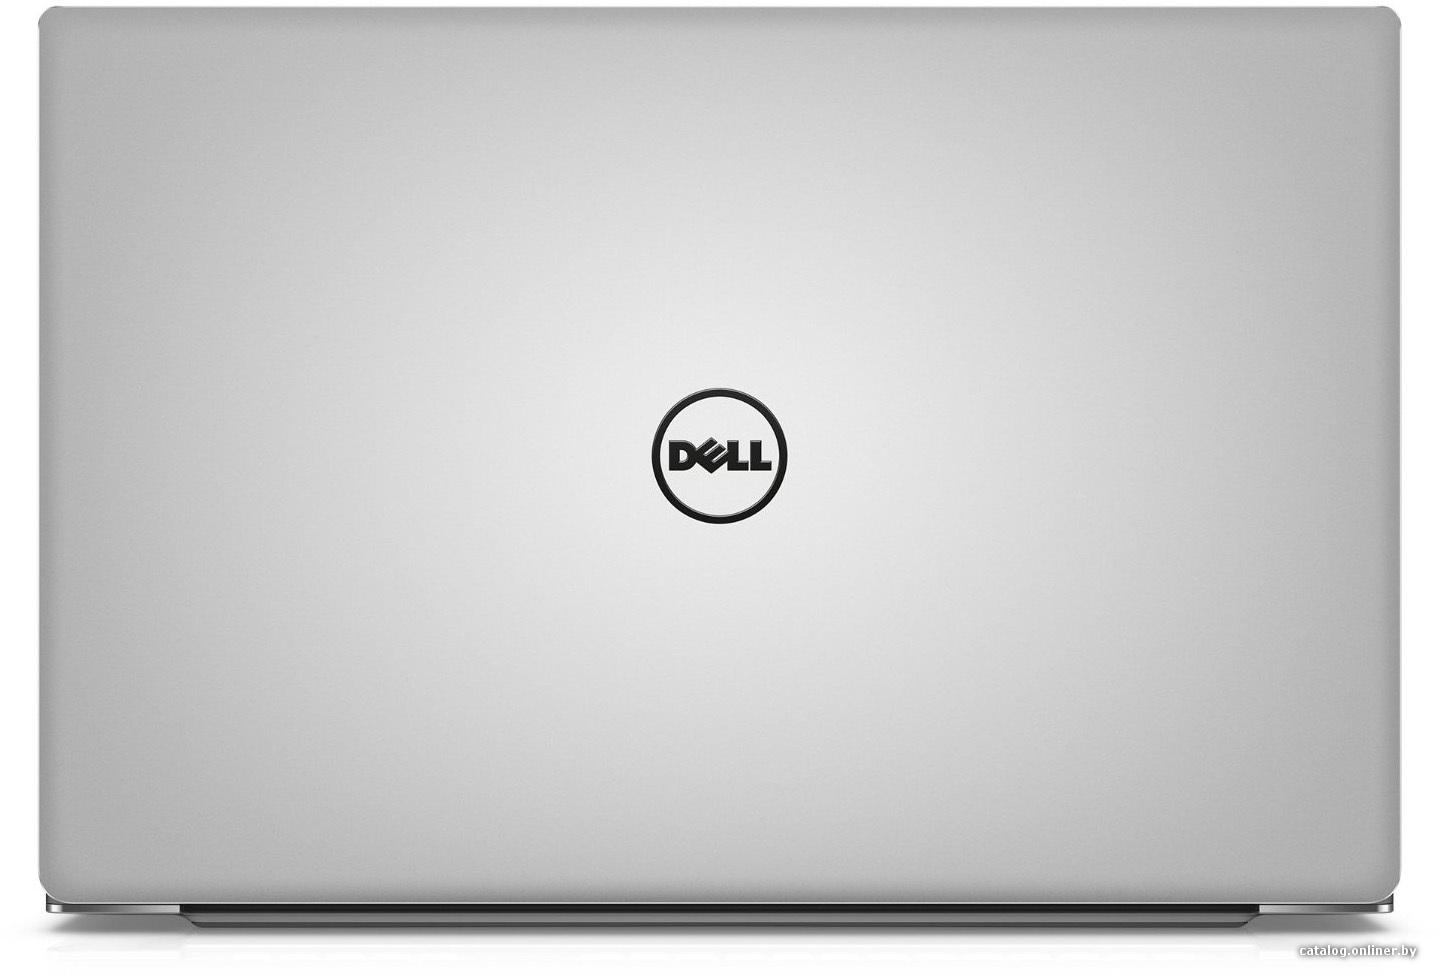 Dell XPS 13 9360-7977 ноутбук купить в Минске bd757af29f0